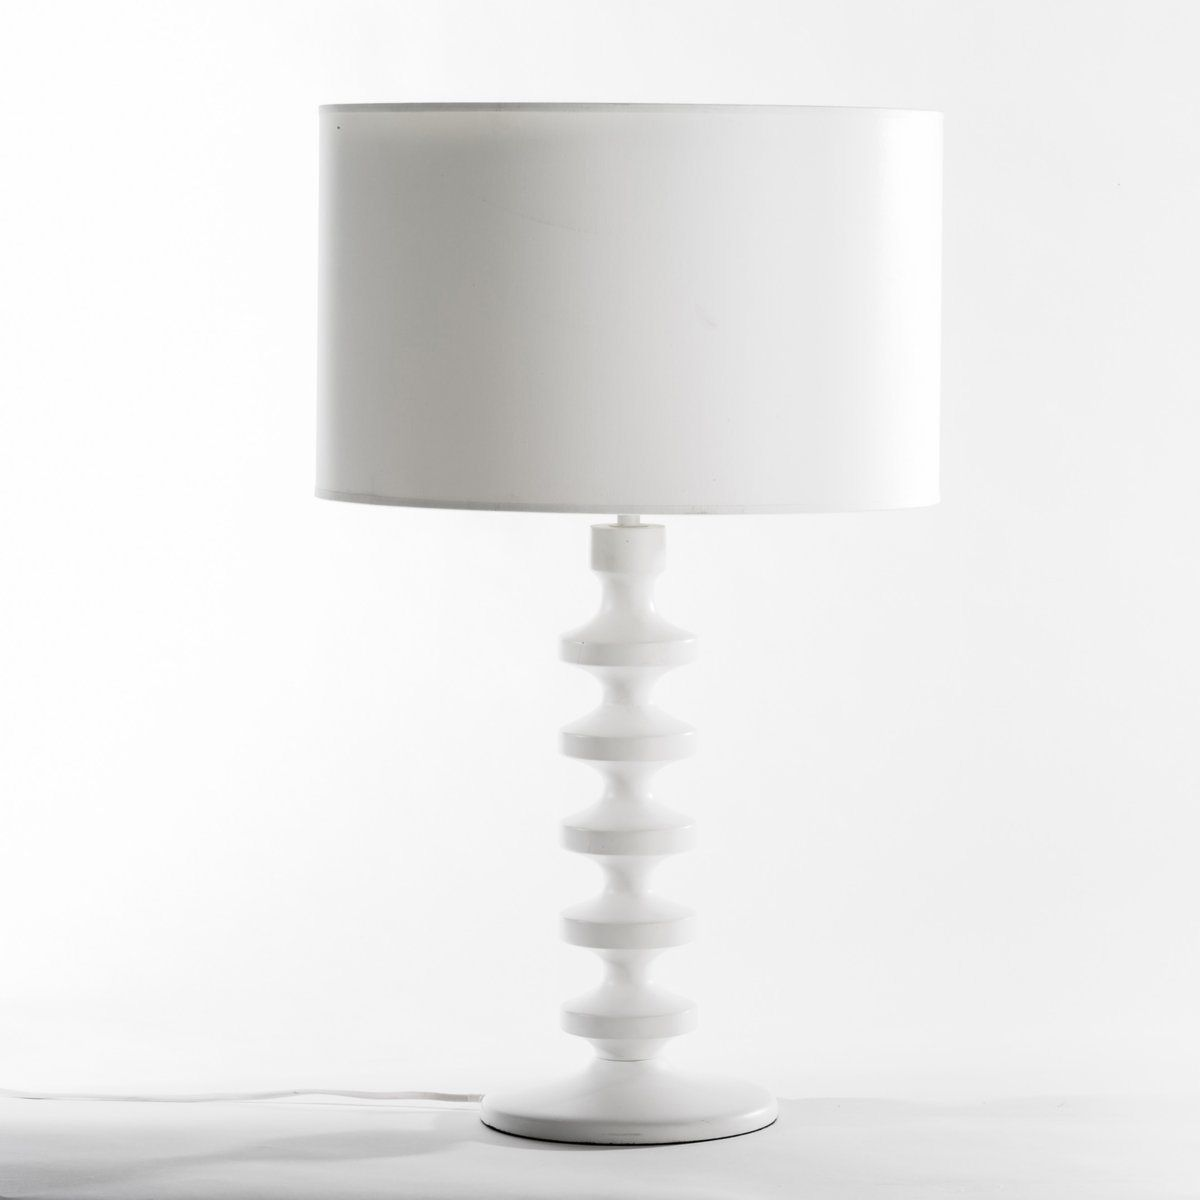 Pied De Lampe Am Pm pied de lampe marceau am.pm : prix, avis & notation